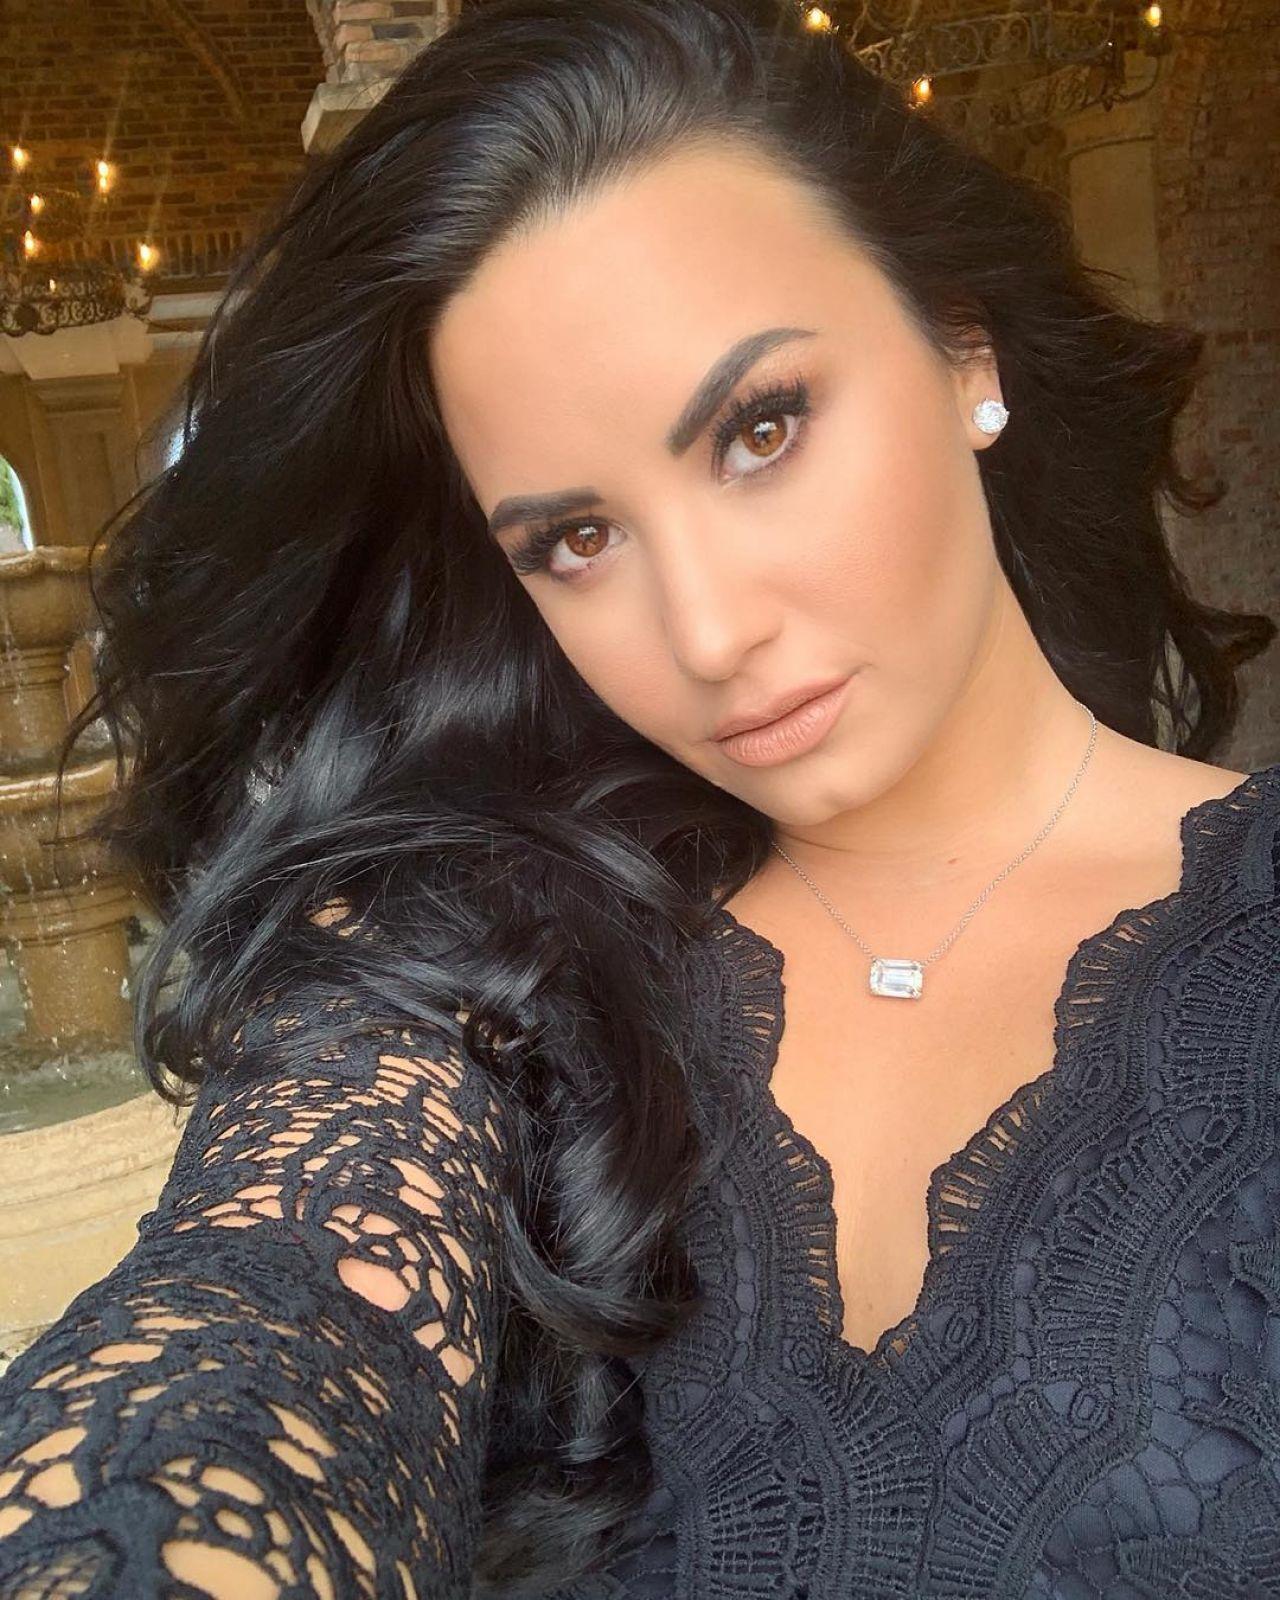 Demi Lovato - Personal Pics 01152019-7480